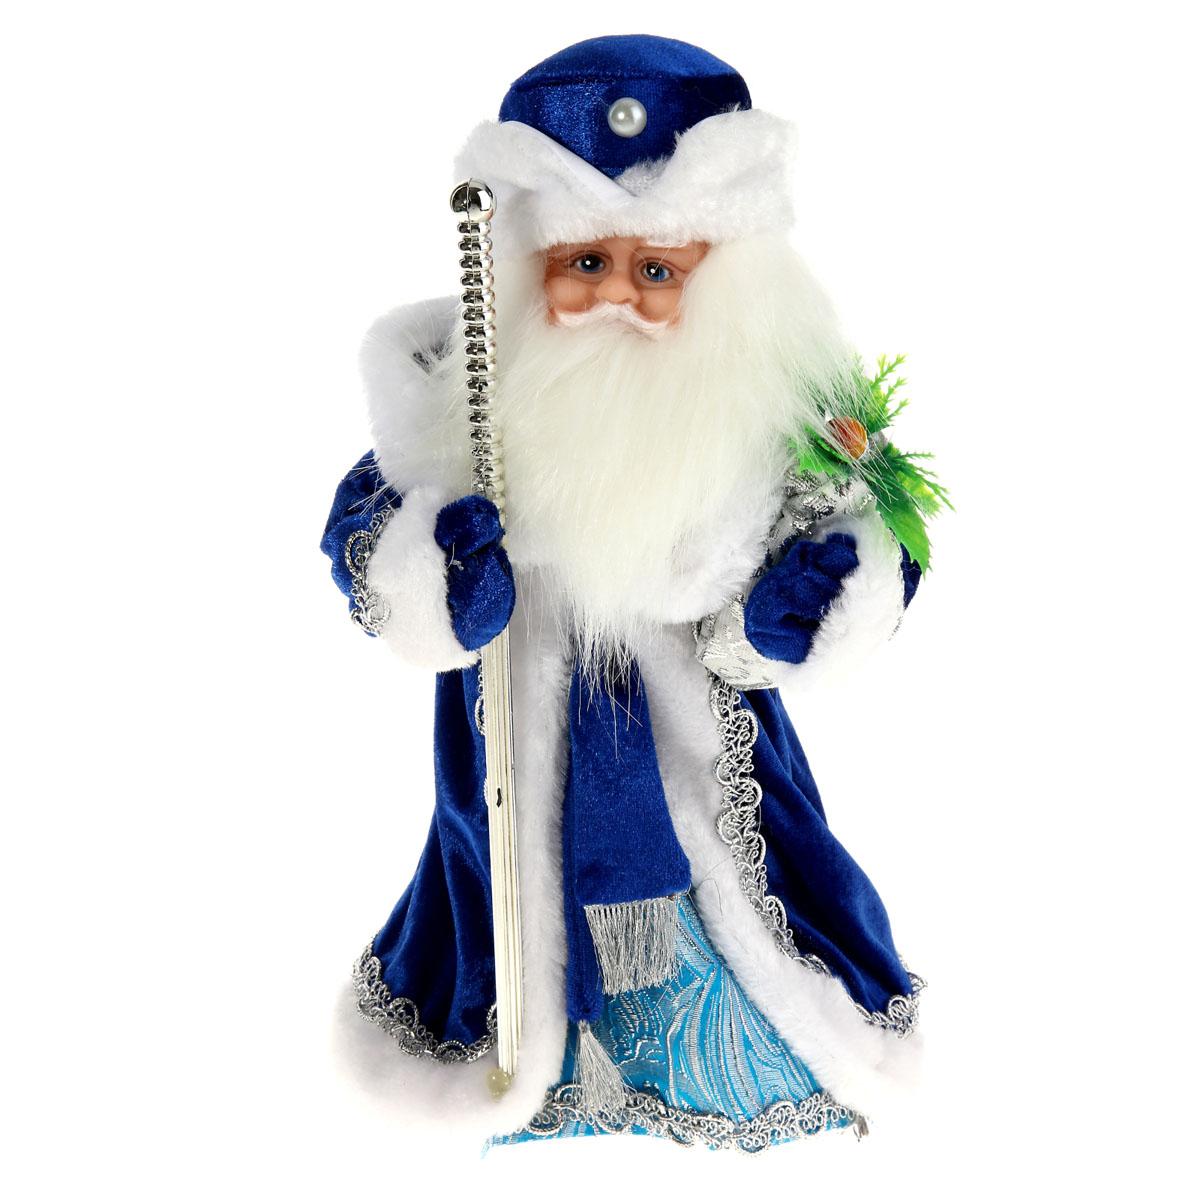 Новогодняя декоративная фигурка Sima-land Дед Мороз, анимированная, высота 28 см. 827839A1484FN-1BNНовогодняя декоративная фигурка Деда Мороза выполнена из высококачественного пластика. Дед Мороз одет в шубу с опушкой, украшенную тесьмой и варежки. На голове - шапка в цвет шубы. В одной руке Дед Мороз держит посох, а в другой мешок - с подарками. Игрушка стоит на пластиковой подставке. Особенностью фигурки является наличие механизма, при включении которого играет мелодия, а голова и руки куклы начинают двигаться. Его добрый вид и очаровательная улыбка притягивают к себе восторженные взгляды. Декоративная фигурка Дед Мороз подойдет для оформления новогоднего интерьера и принесет с собой атмосферу радости и веселья. УВАЖАЕМЫЕ КЛИЕНТЫ!Обращаем ваше внимание на тот факт, что декоративная фигурка работает от трех батареек типа АА напряжением 1,5 В. Батарейки в комплект не входят.